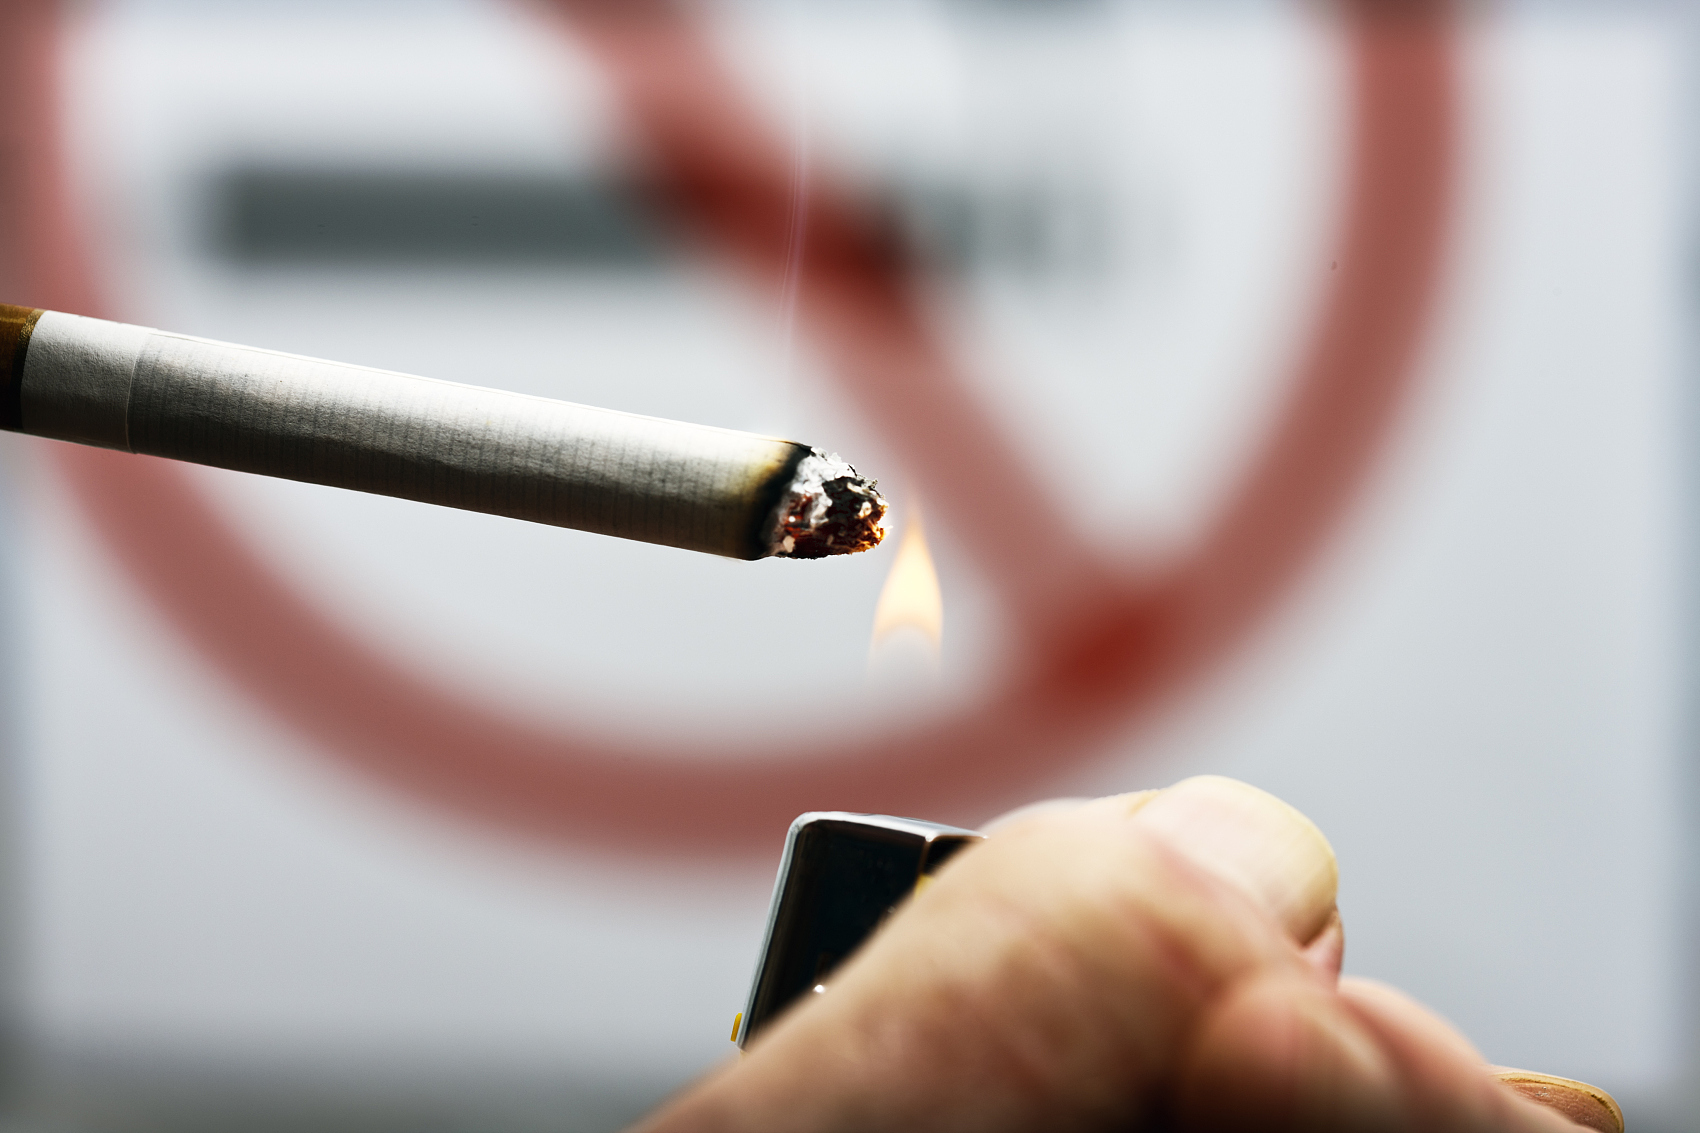 吸烟有害!首次被证实会引发致命性脑血管破裂